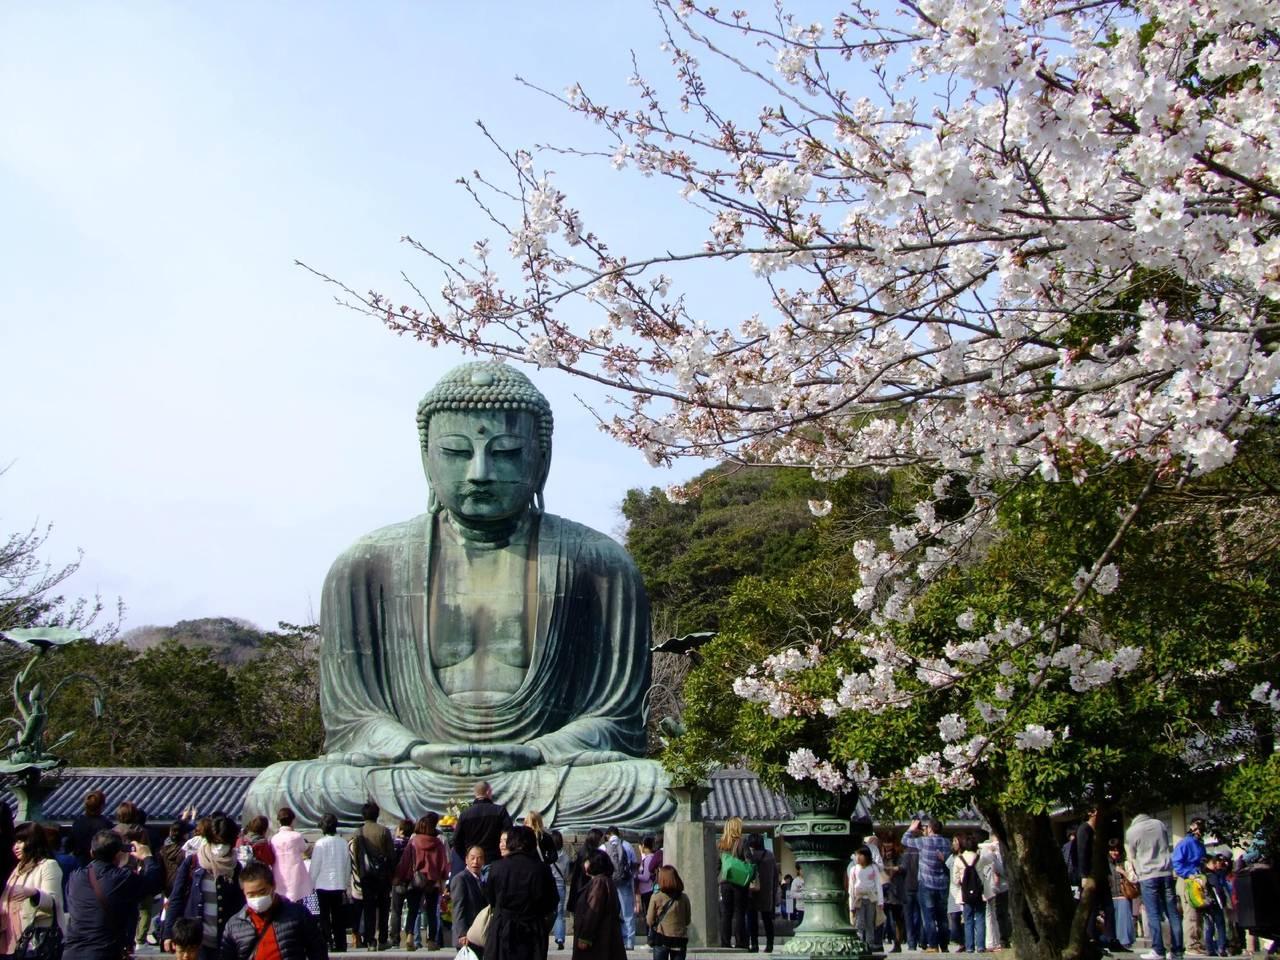 NewKamakura 7on foot,Yokohama,観光に便利な場所,新築物件,Wifi付